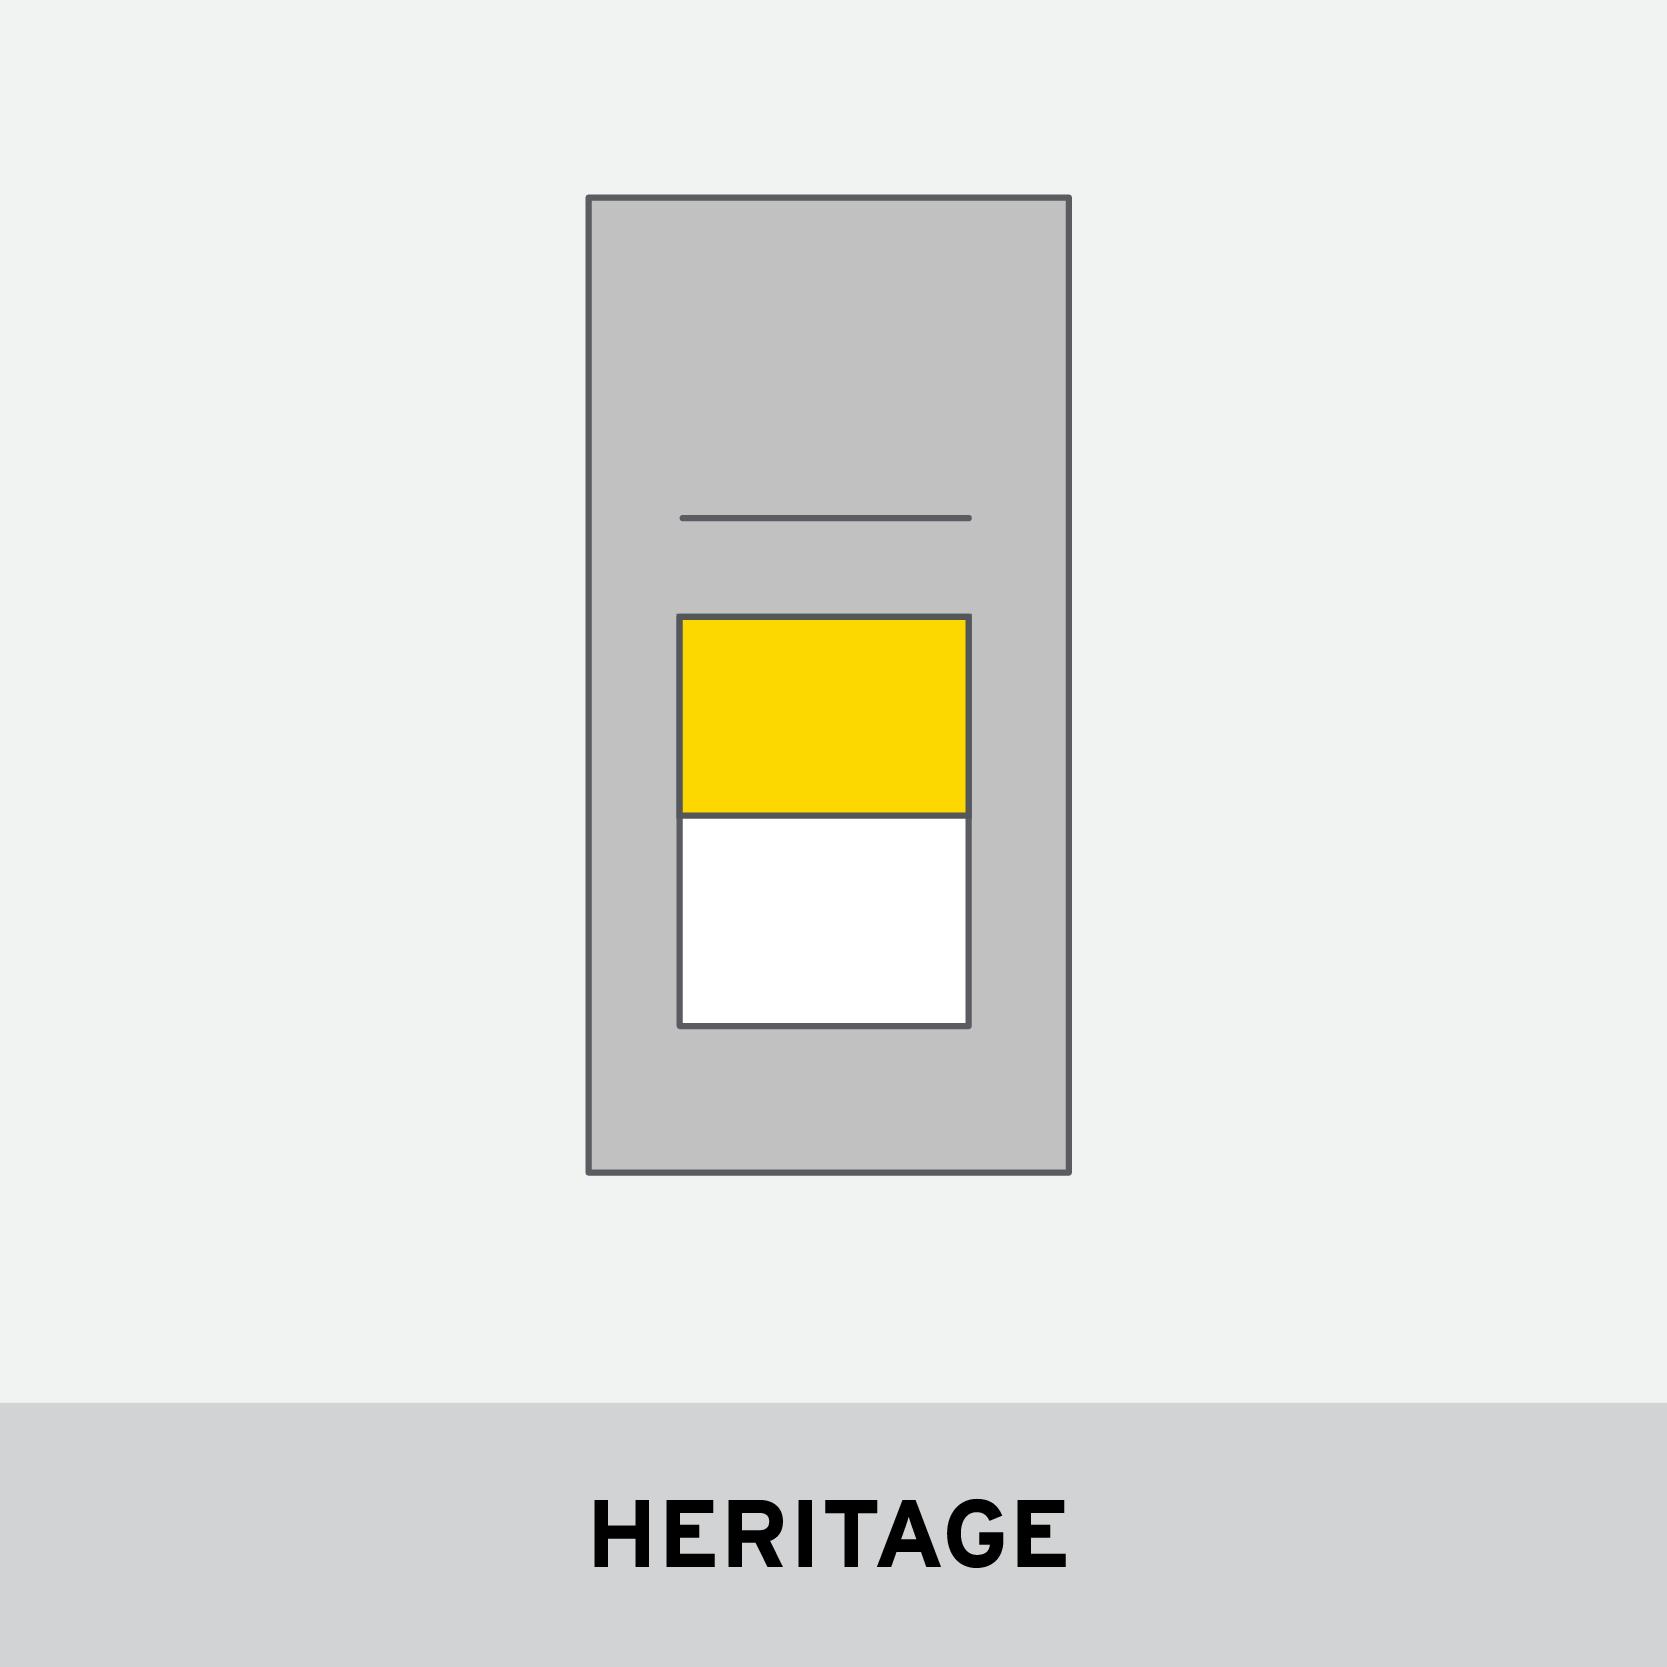 HERITAGE PARAMETERS